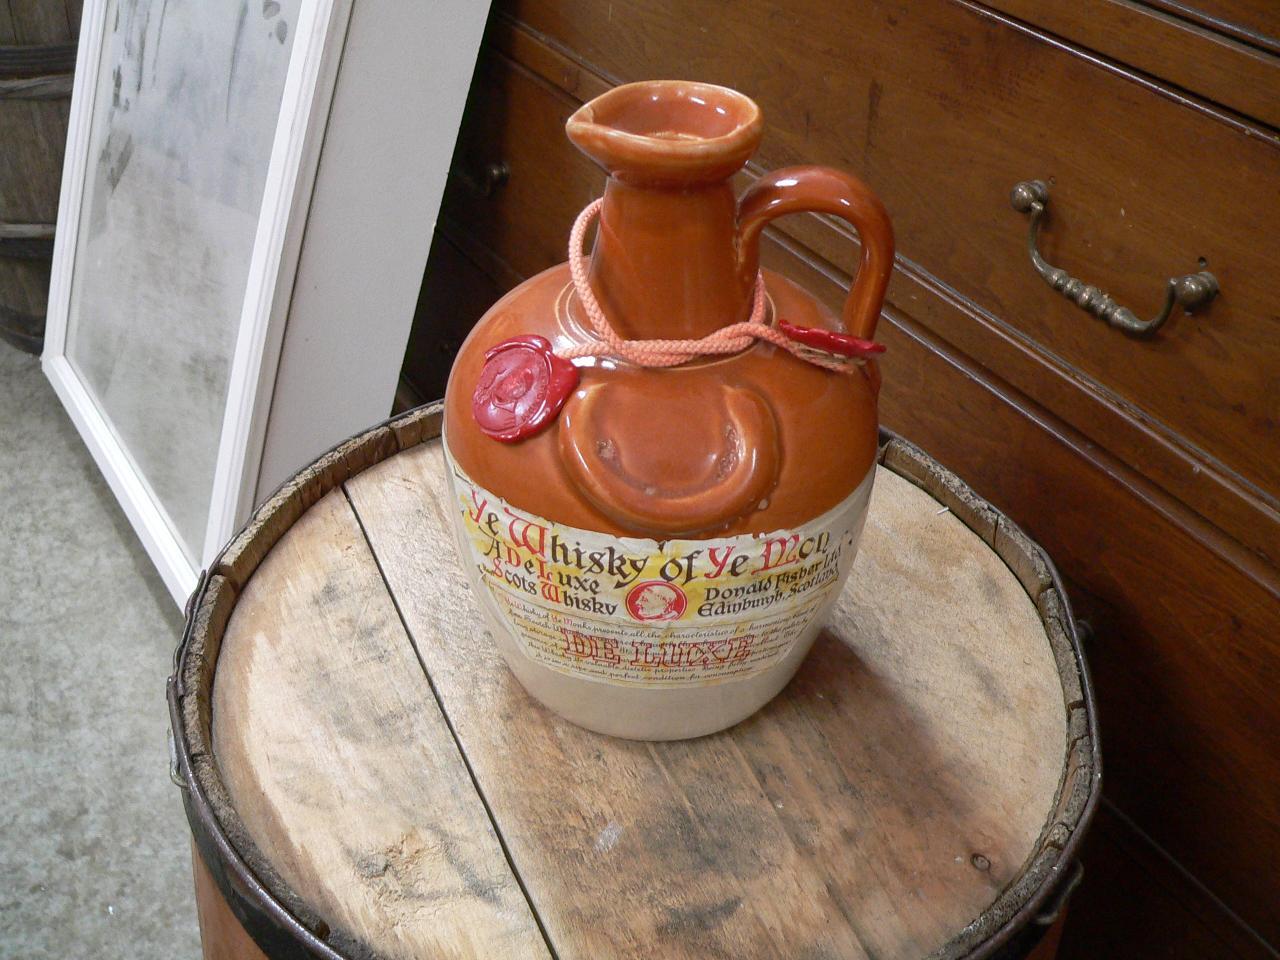 Bouteille jarre de whisky # 4922.1